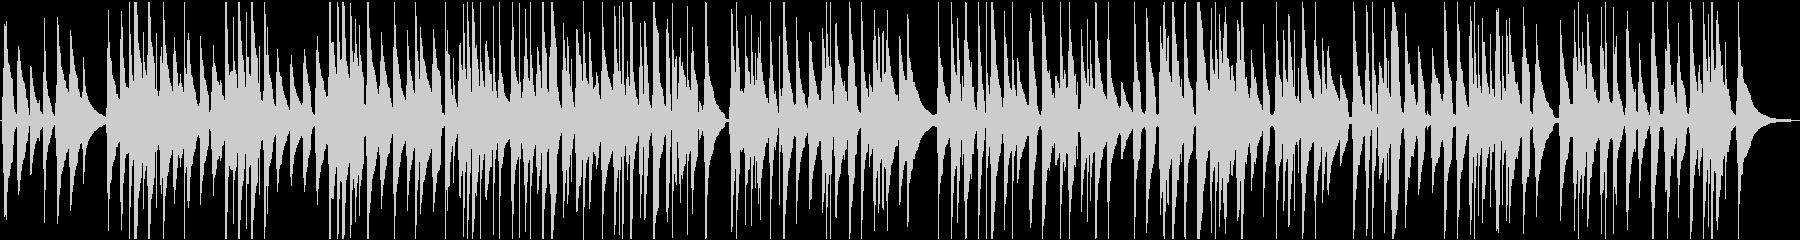 ウクレレのゆったりリラックスした曲の未再生の波形